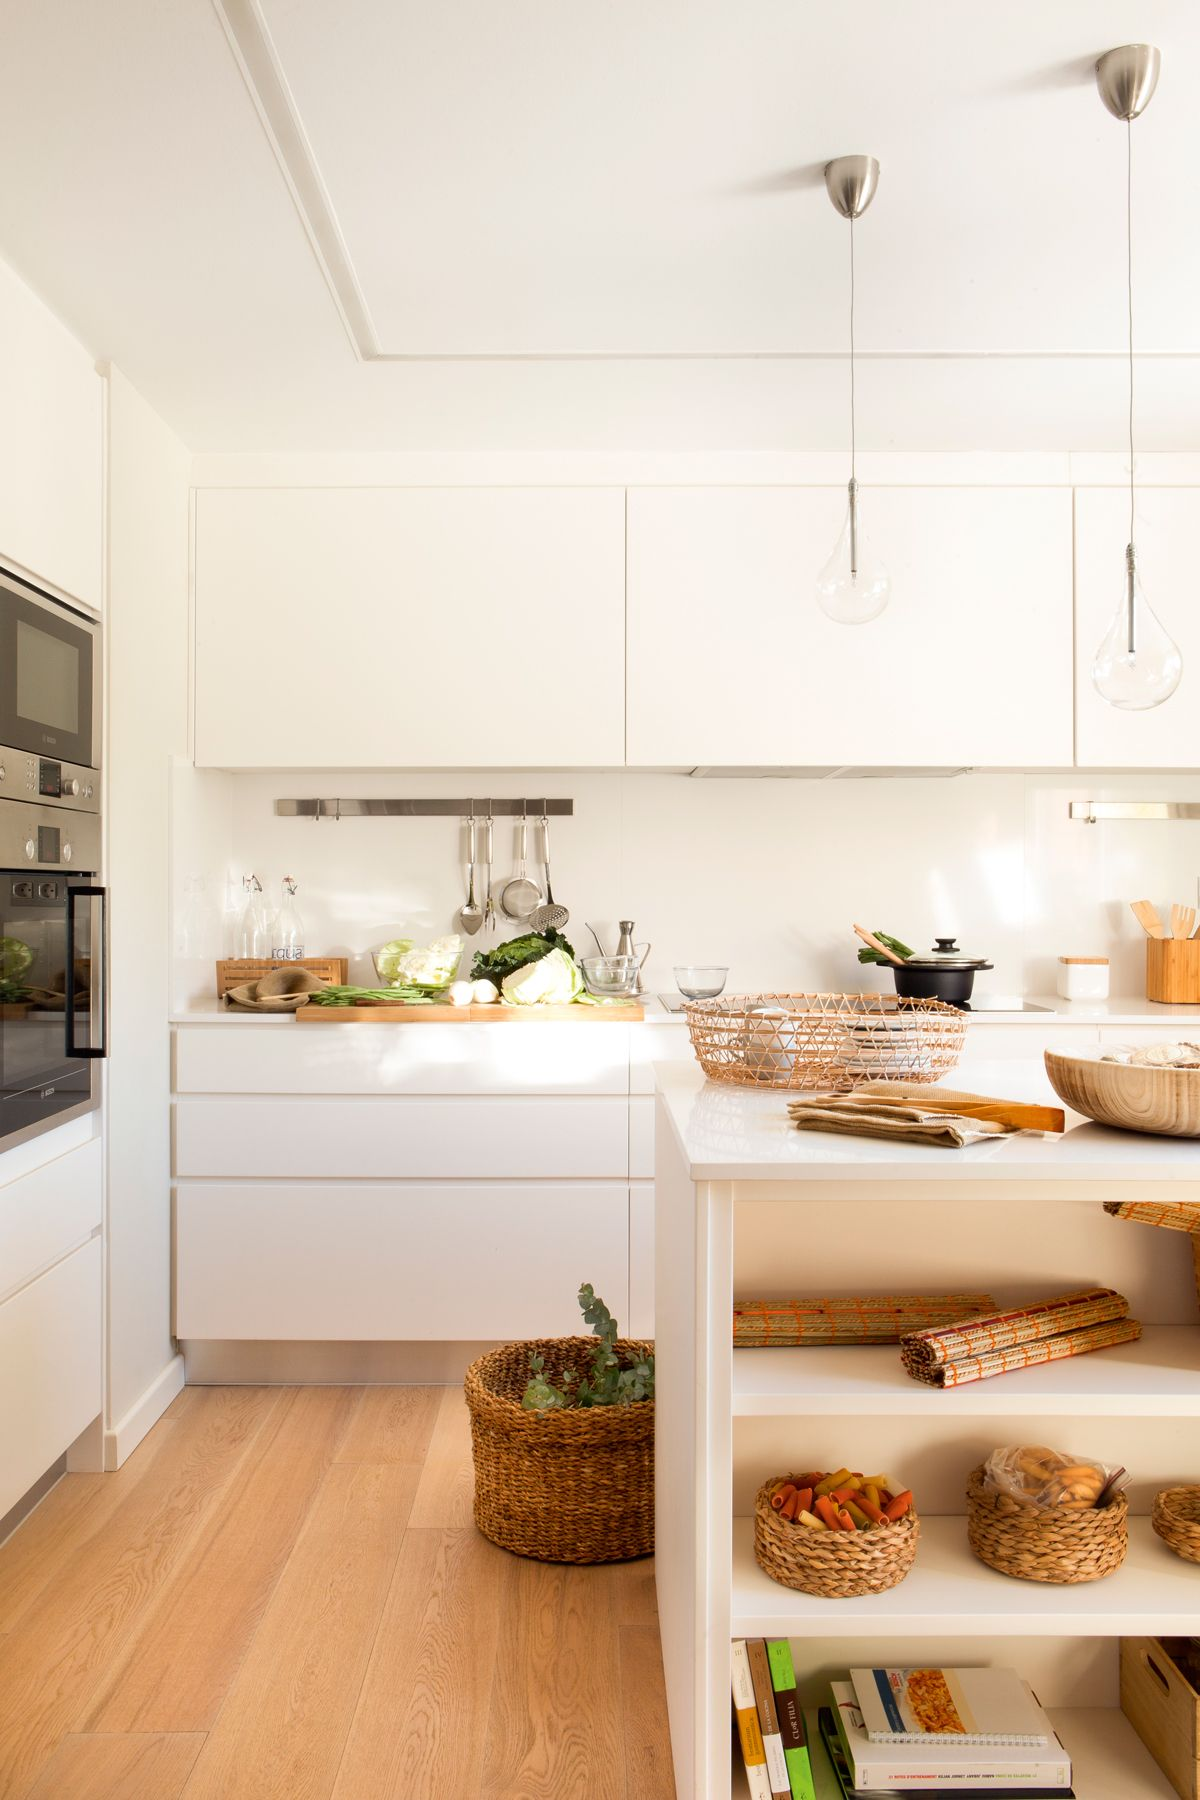 00423933. Cocina en blanco con frentes lisos y suelo de madera ...